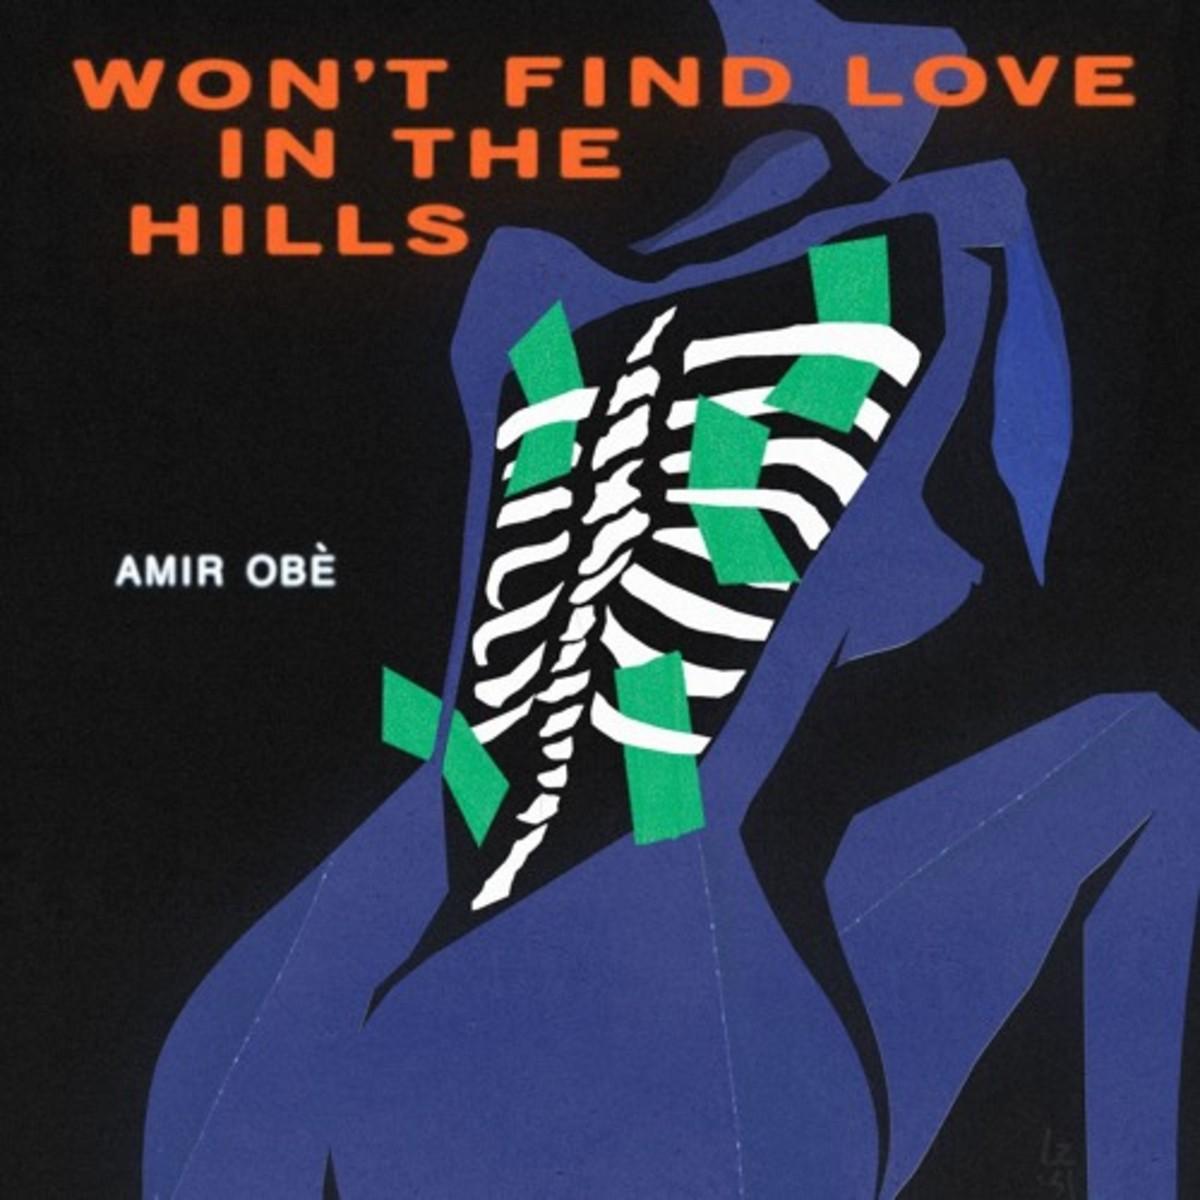 amir-obe-wont-find-love-in-the-hills.jpg